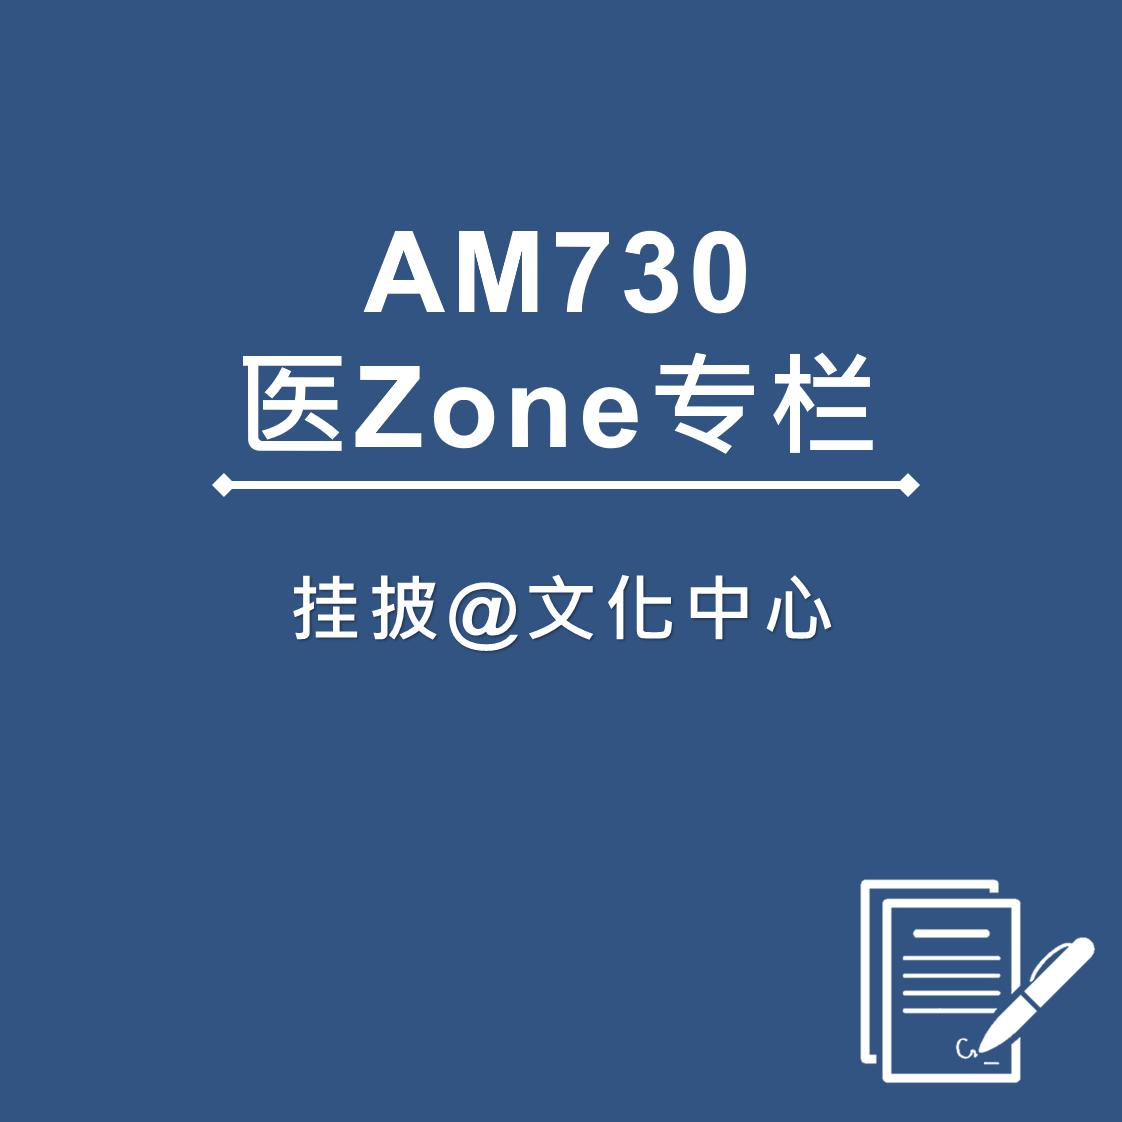 AM730 医Zone 专栏 - 挂披@文化中心